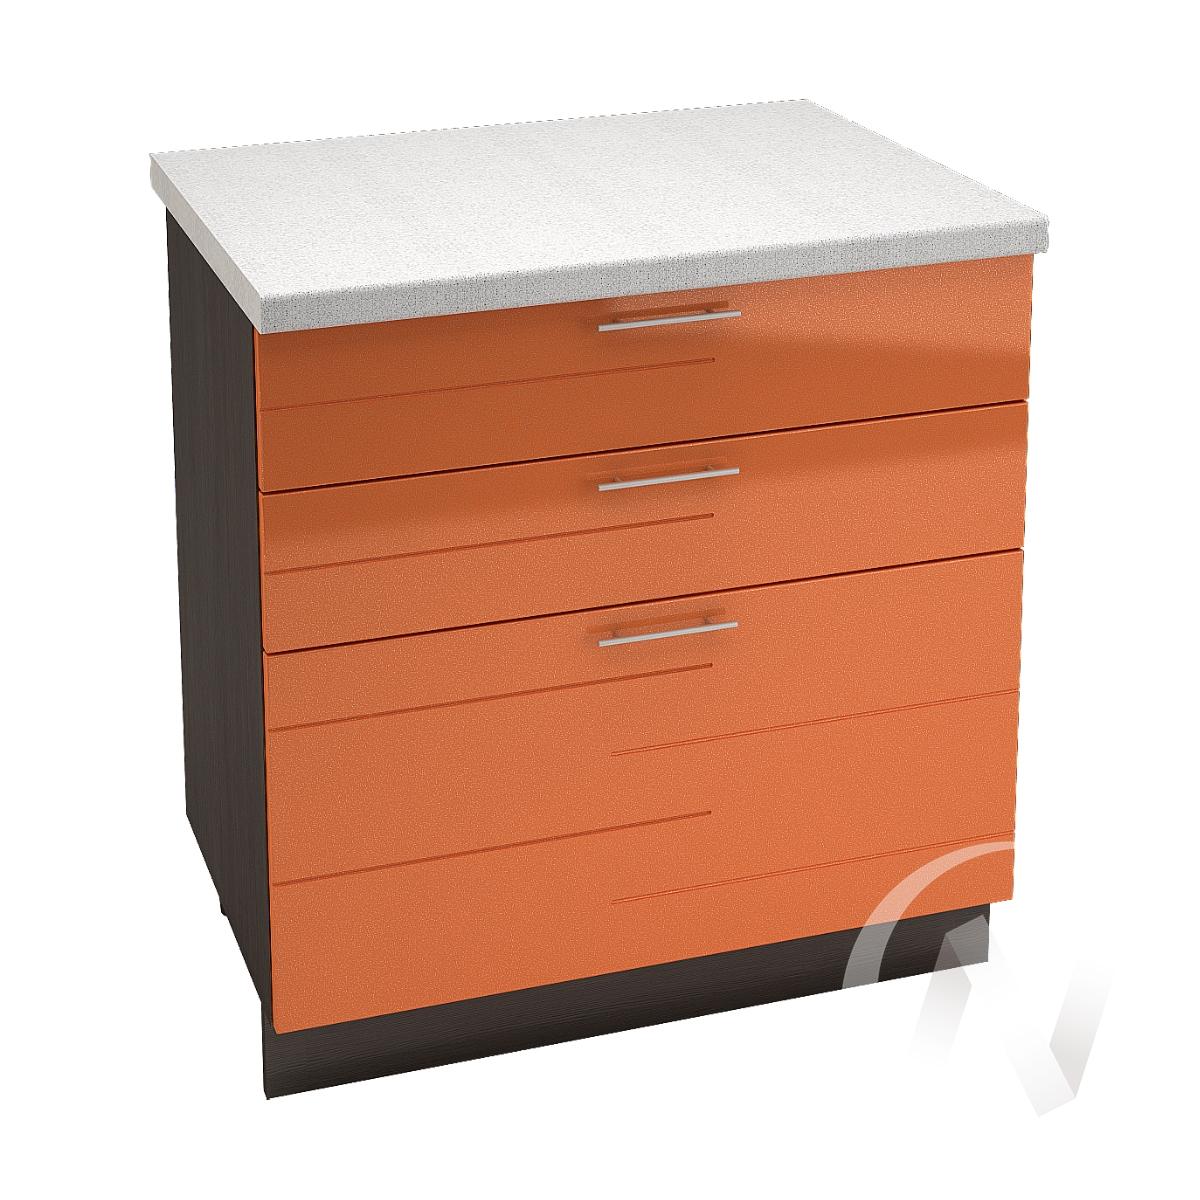 """Кухня """"Техно"""": Шкаф нижний с 3-мя ящиками 800, ШН3Я 800 (корпус венге)"""